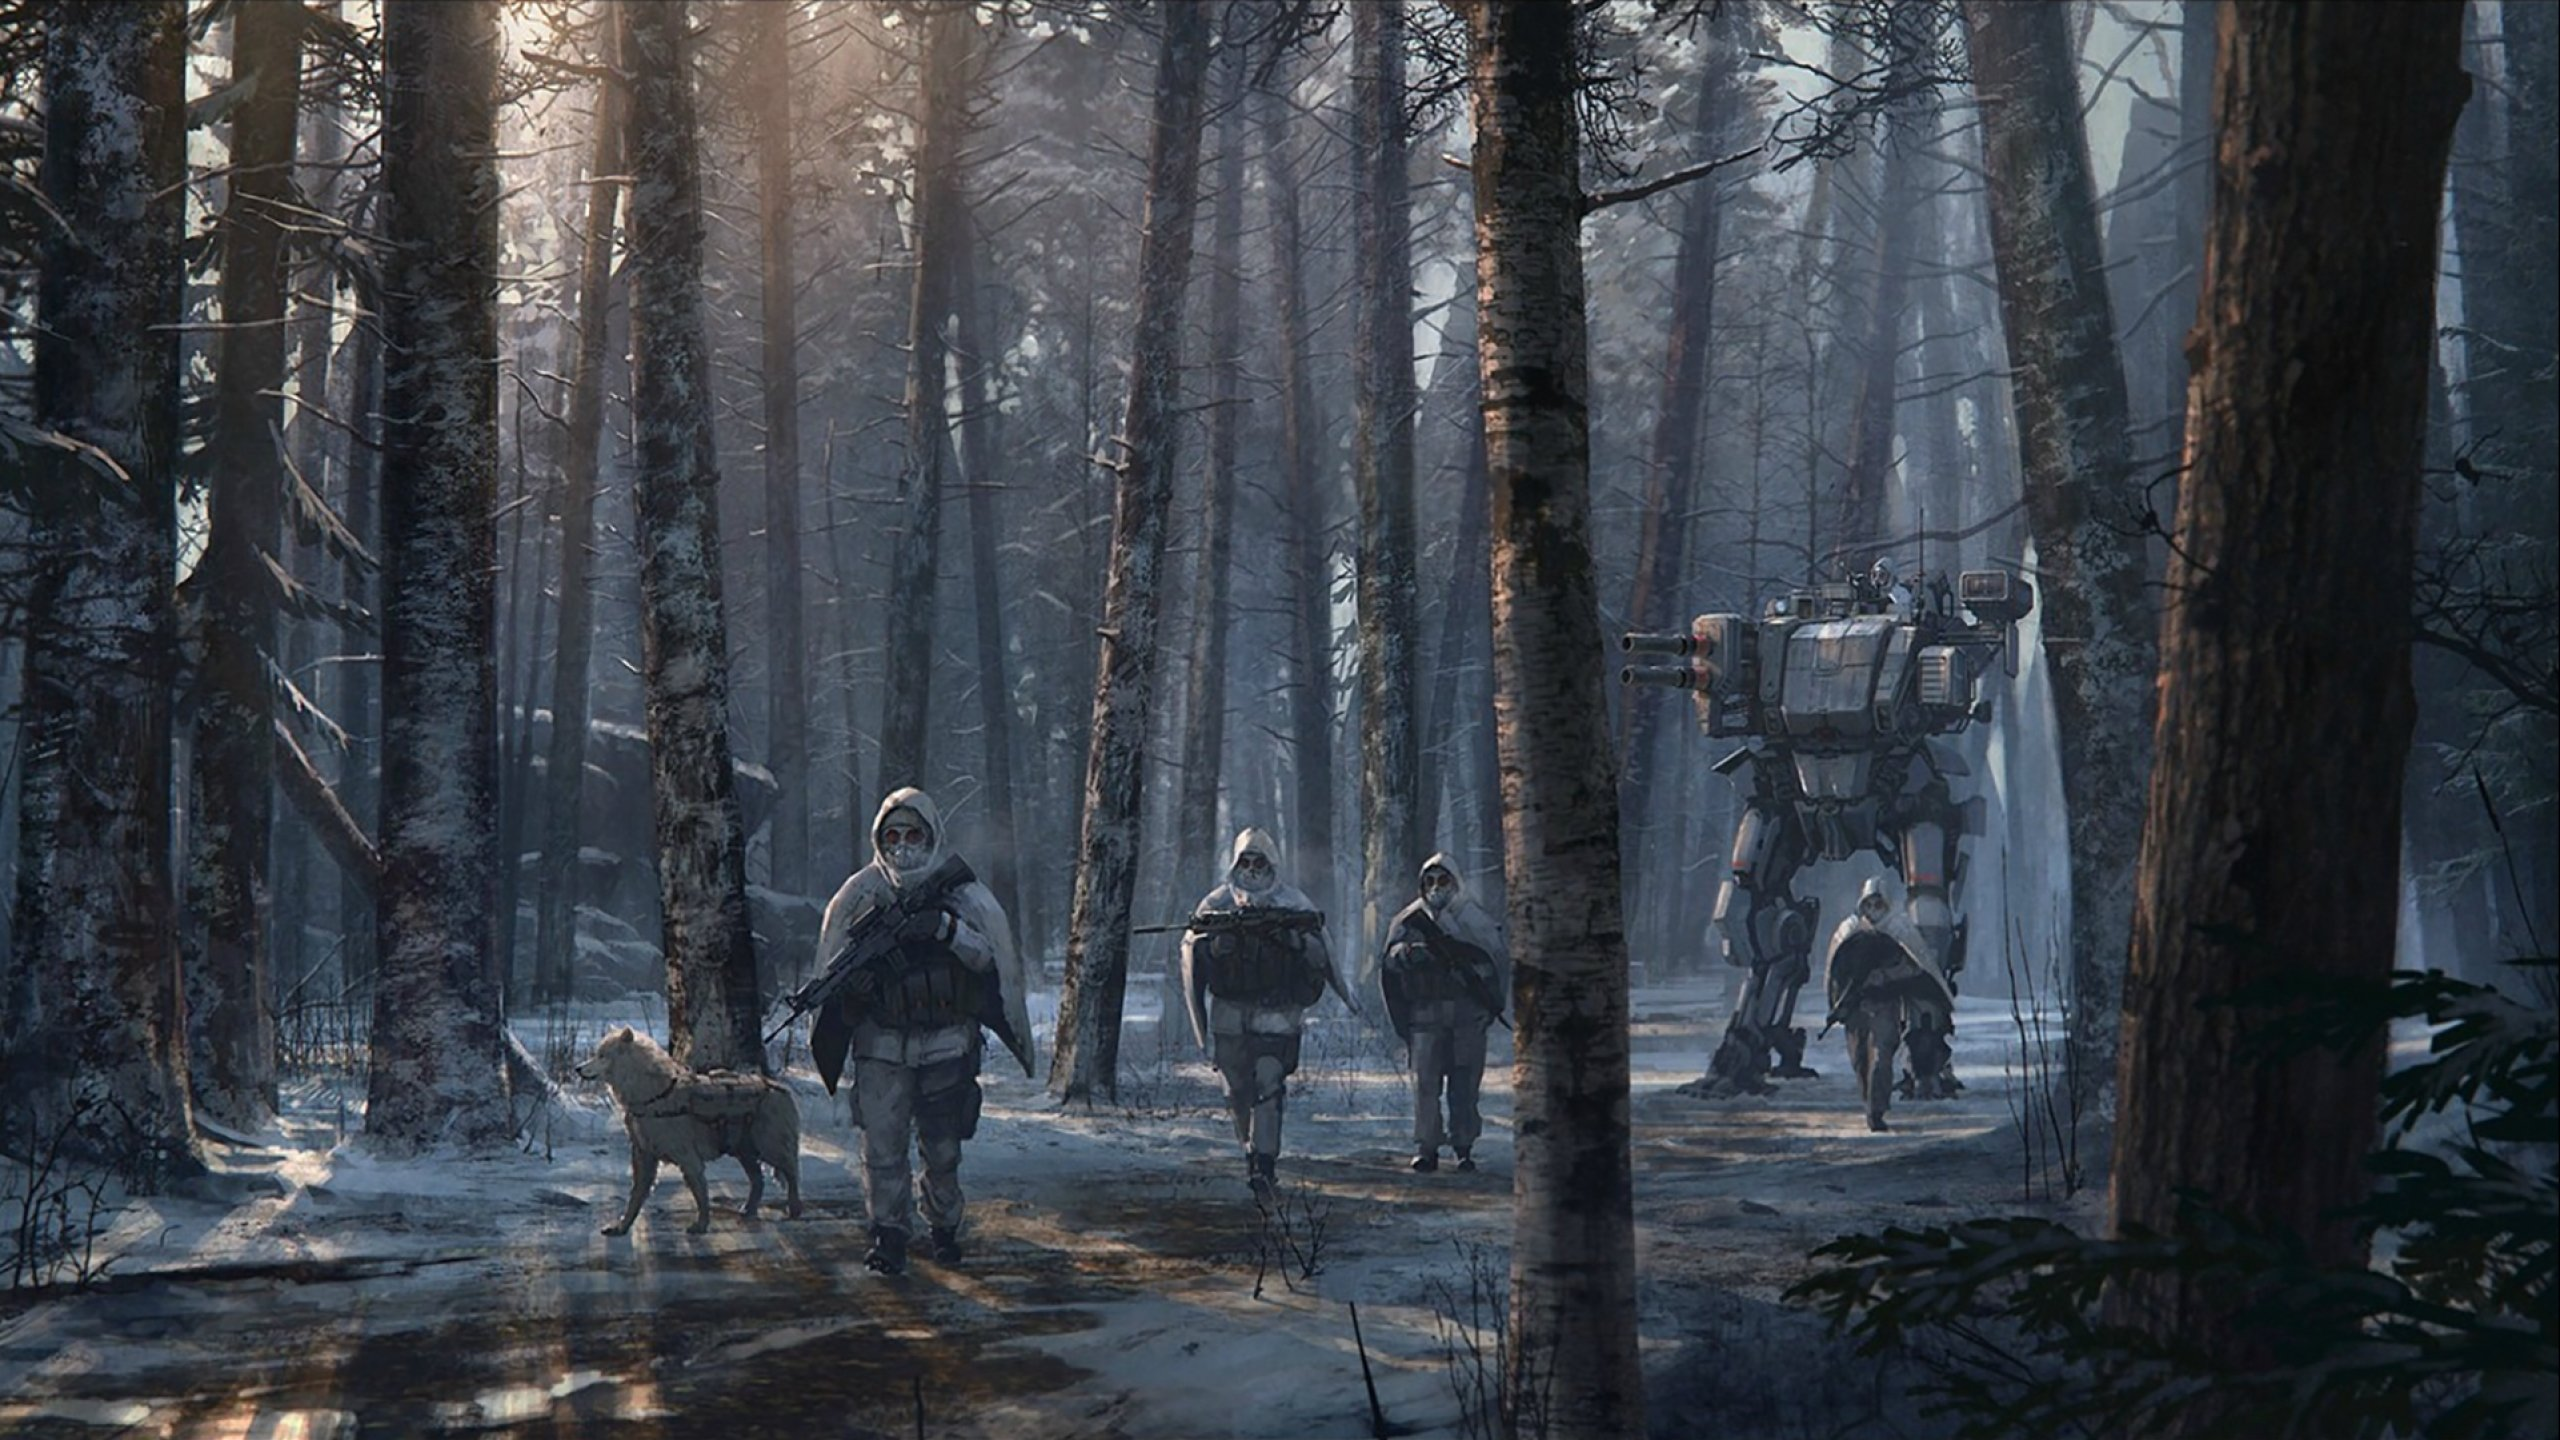 Солдат и член в лесу 7 фотография